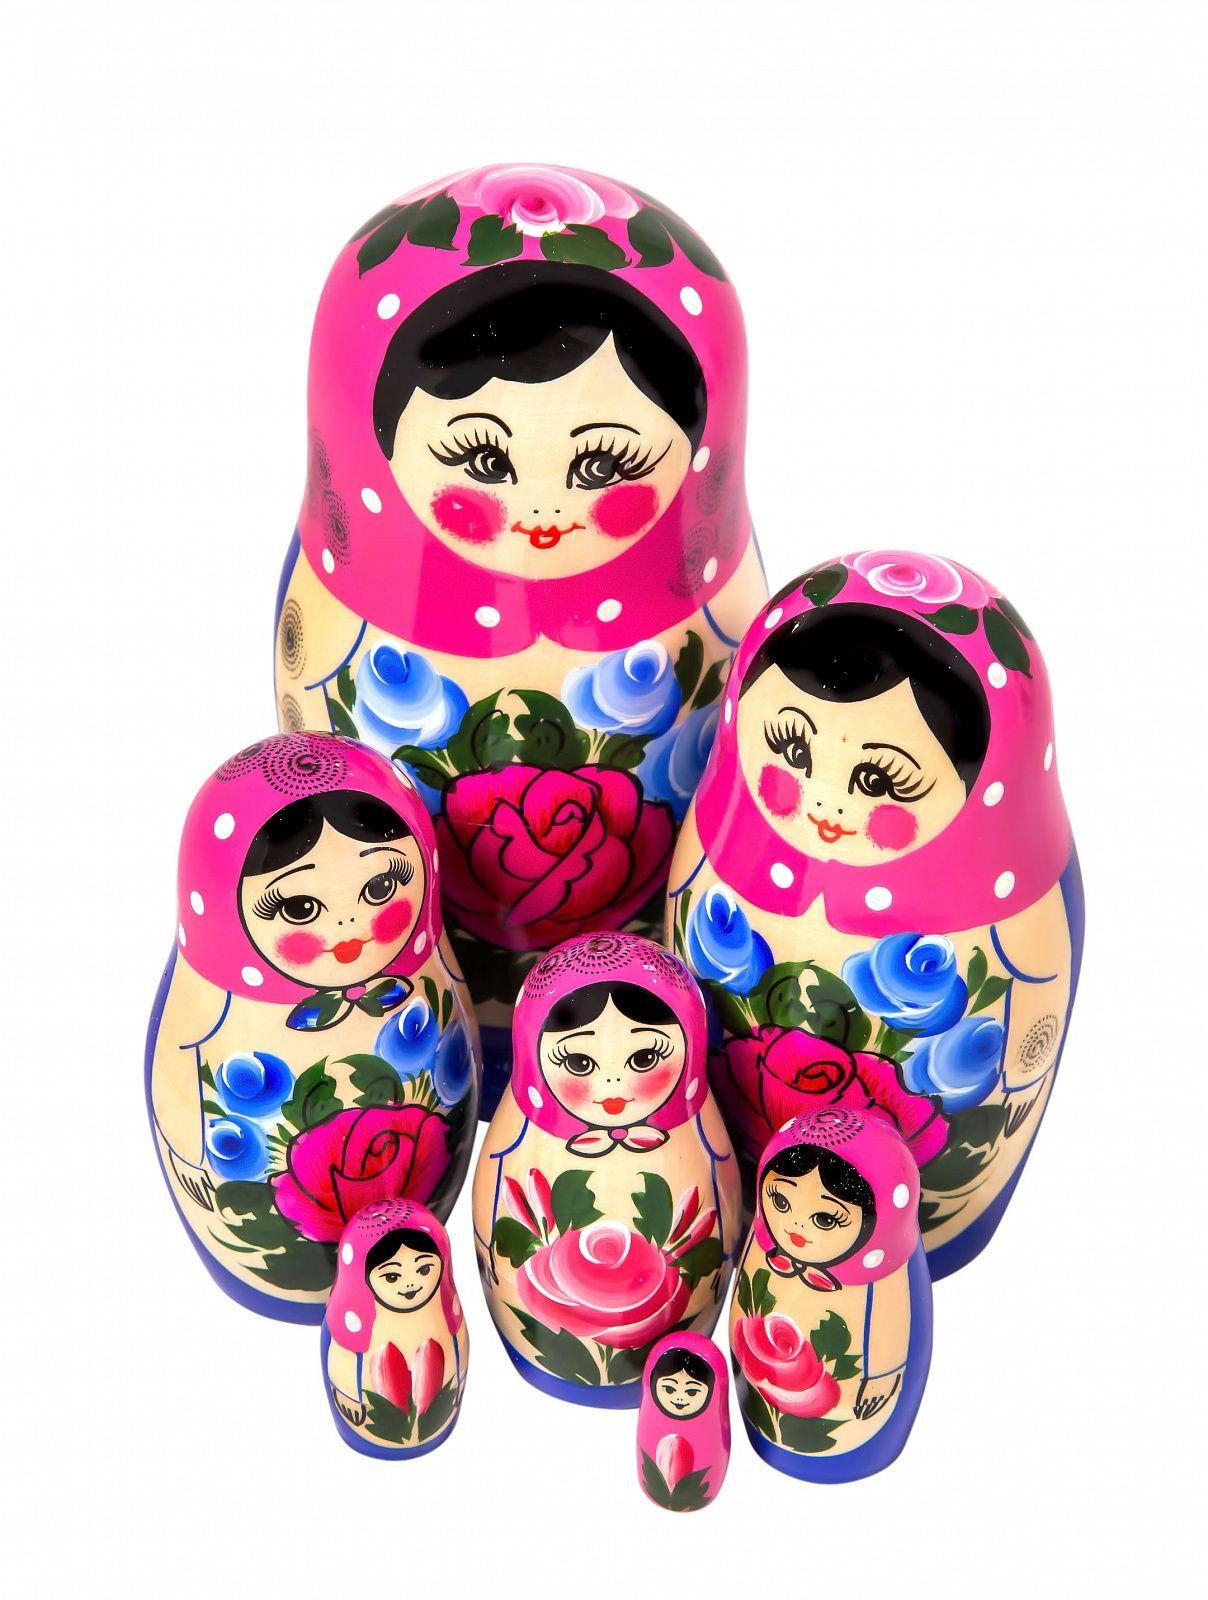 Khokhloma painting / Matryoshka unconventional 7 dolls